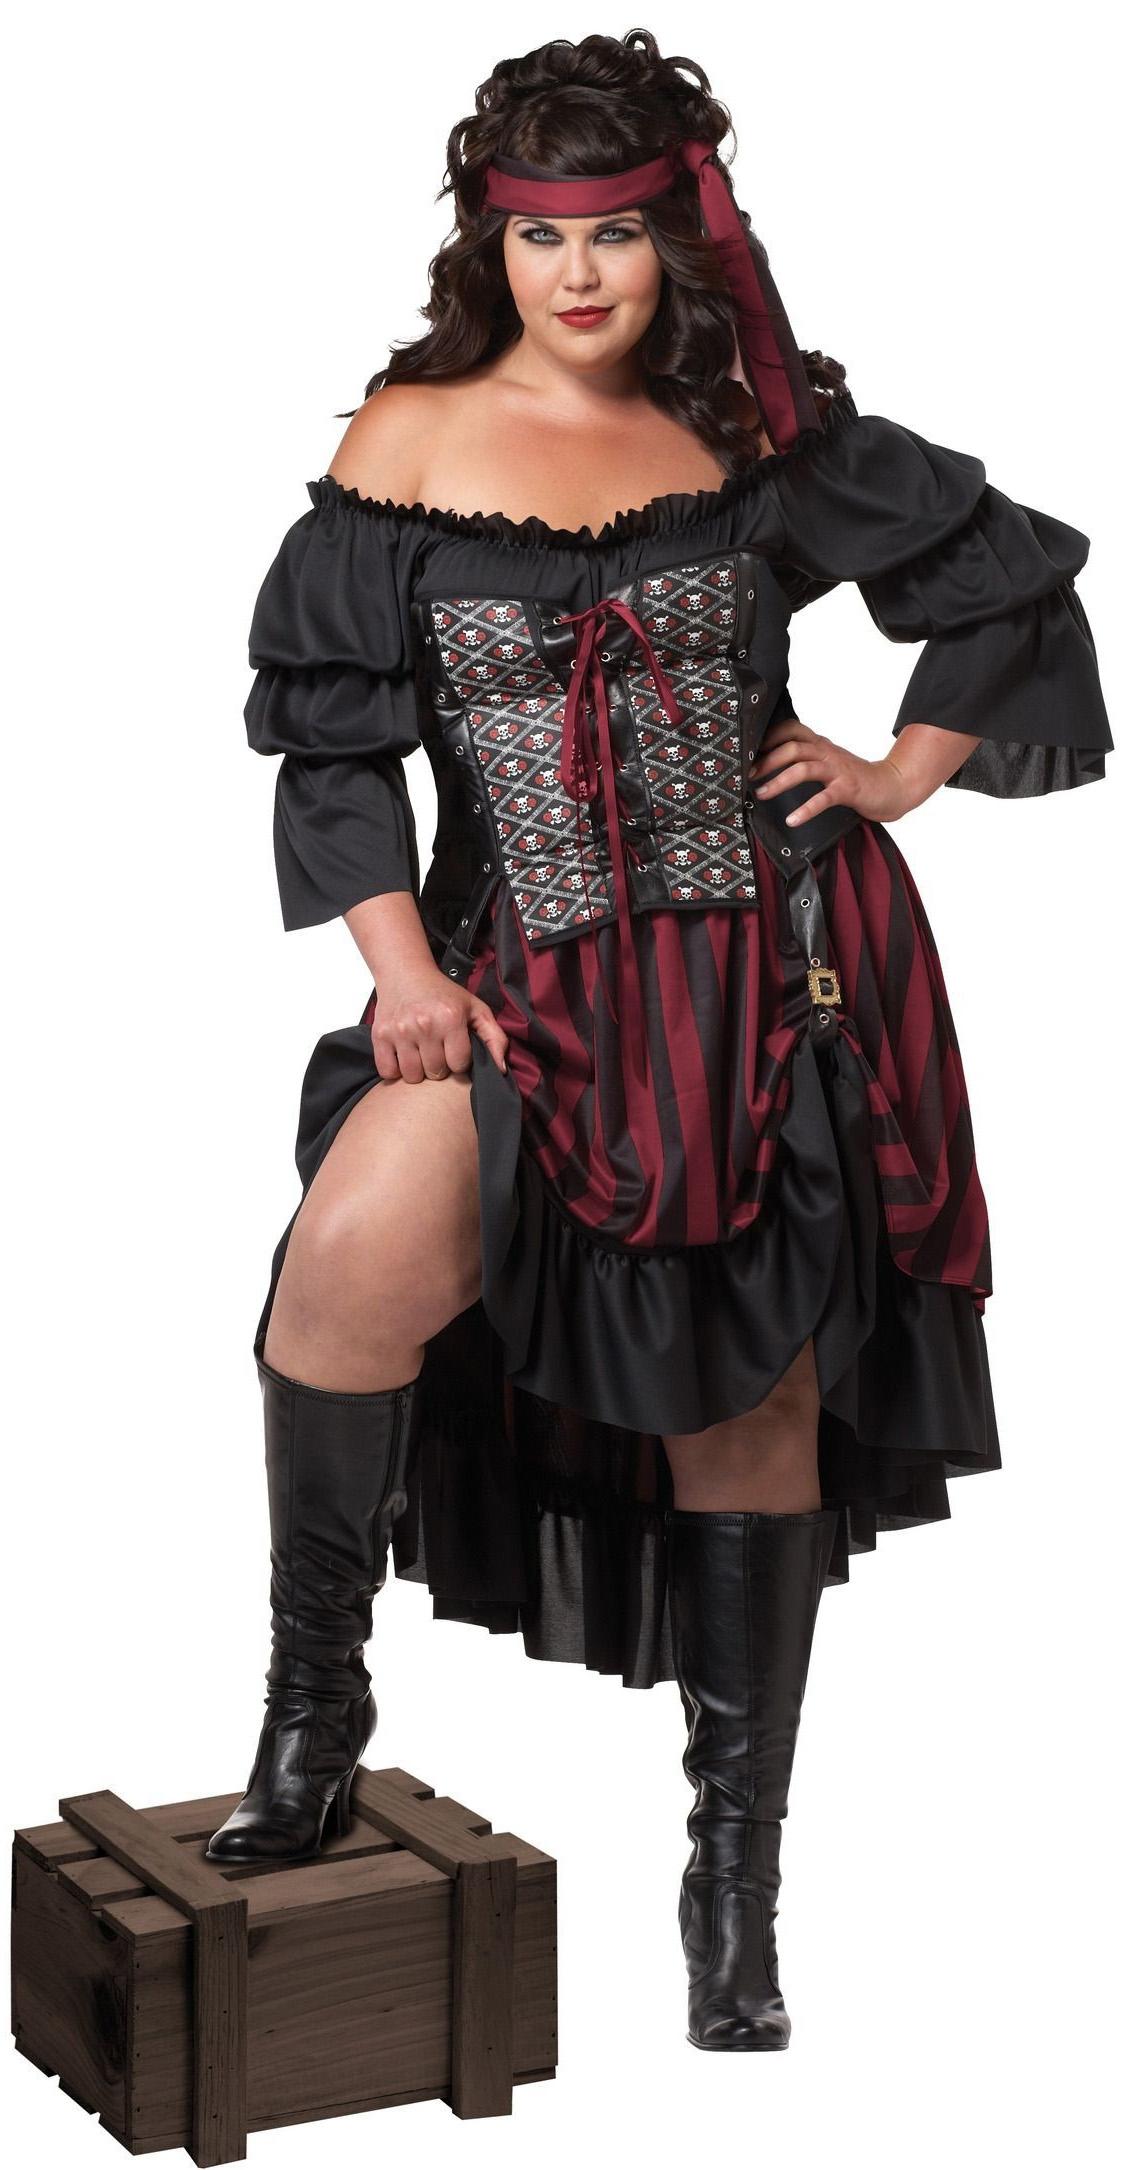 костюм пиратки для взрослы картинки маяк всех лишь